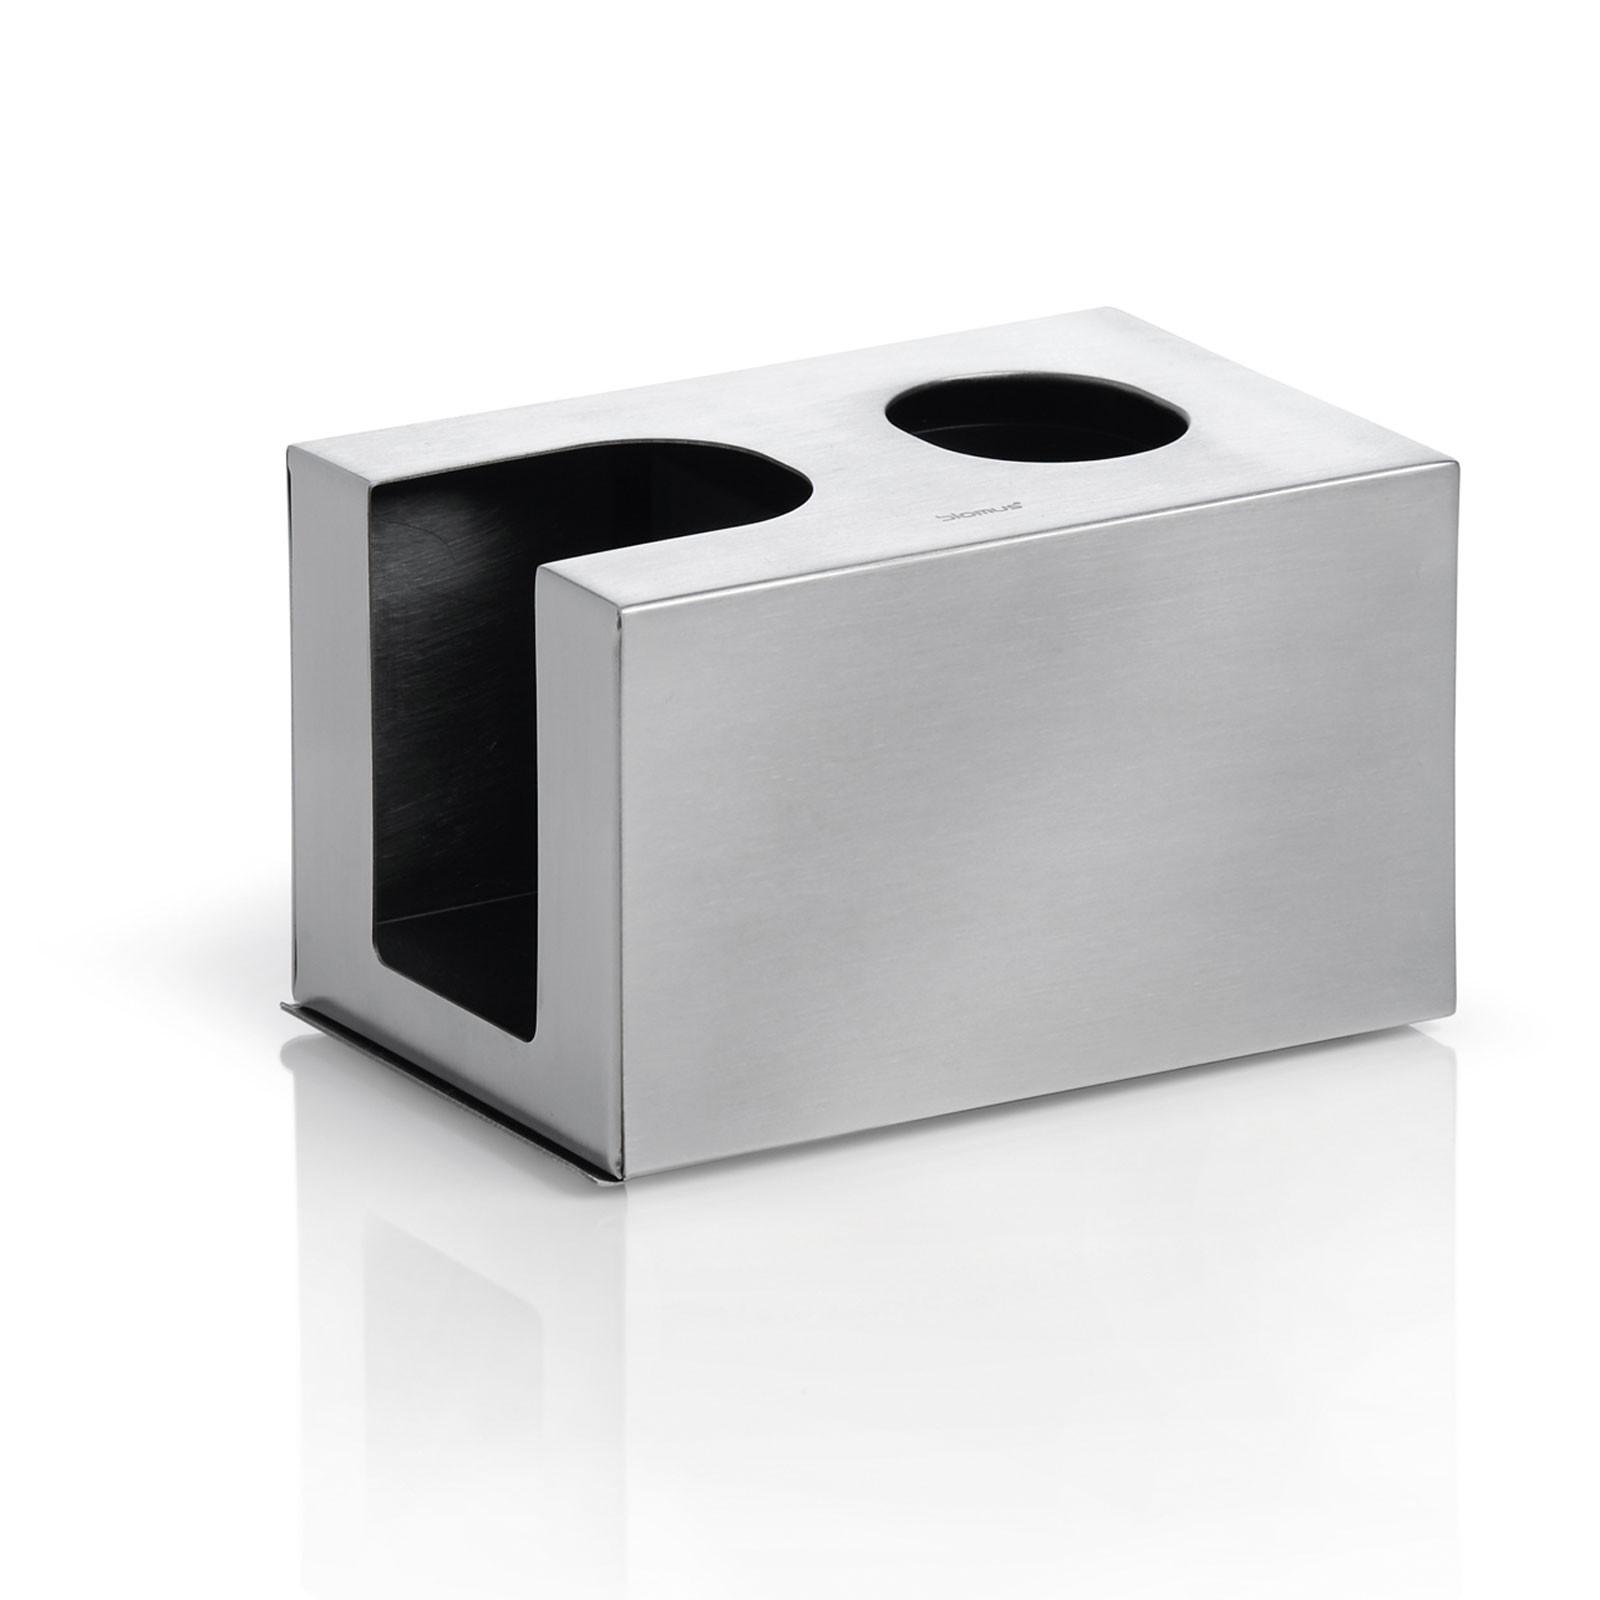 Kombibox für Wattestäbchen + Wattepads Edelstahl matt blomus NEXIO